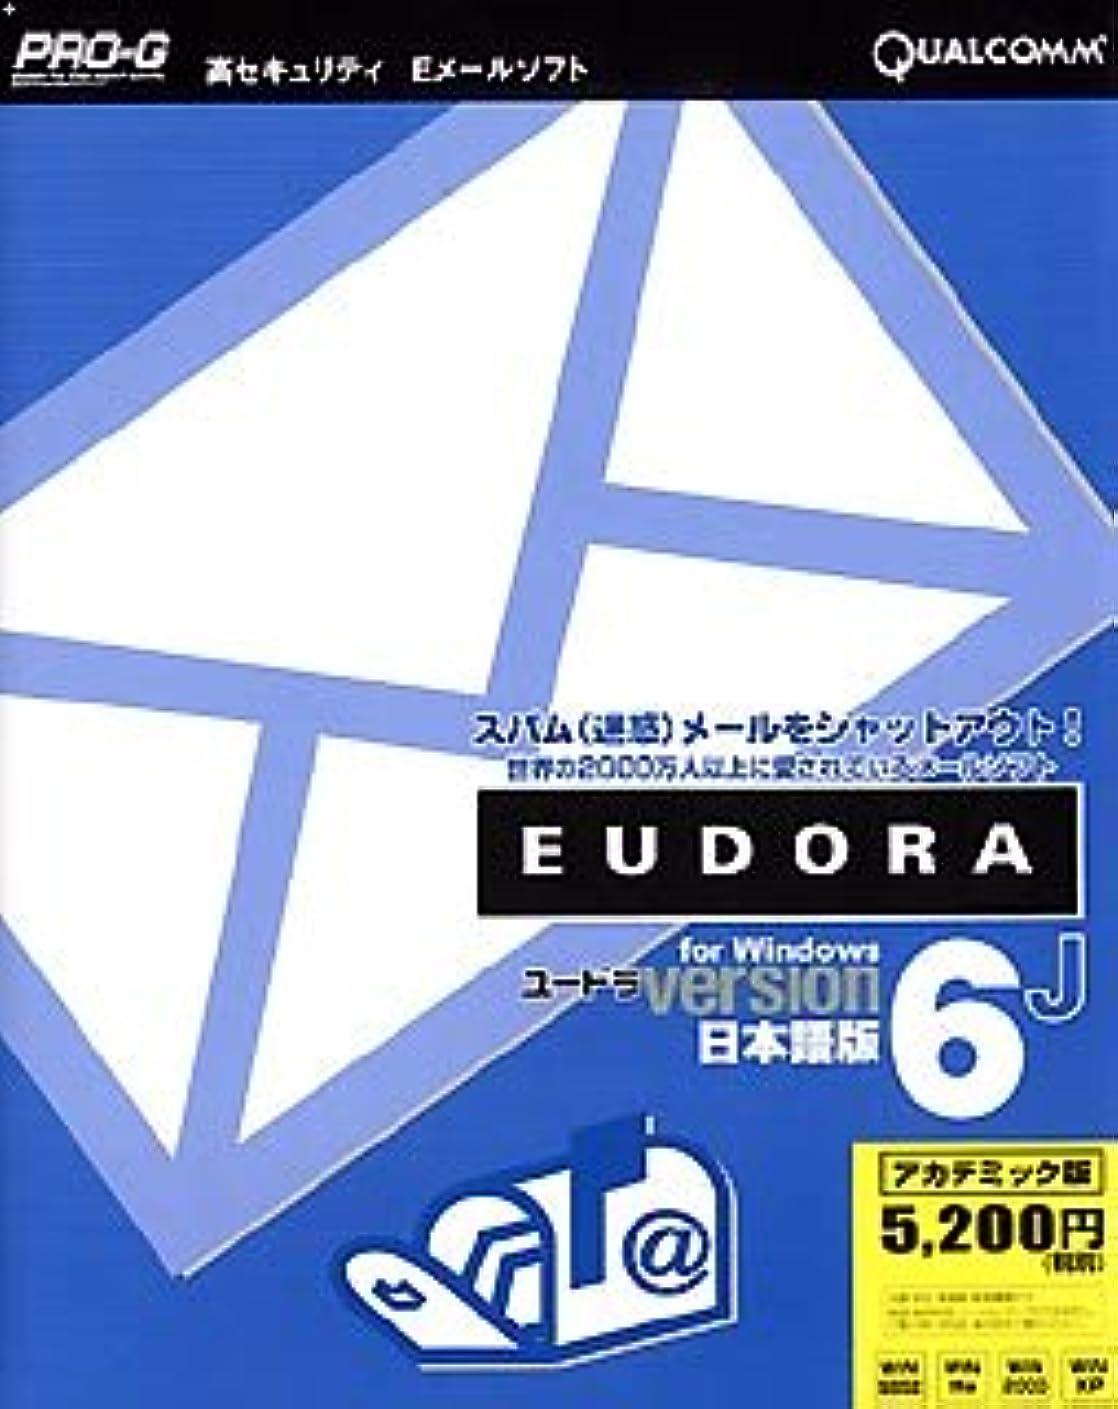 批判するインスタンスセントEudora 6J 日本語版 for Windows アカデミック版